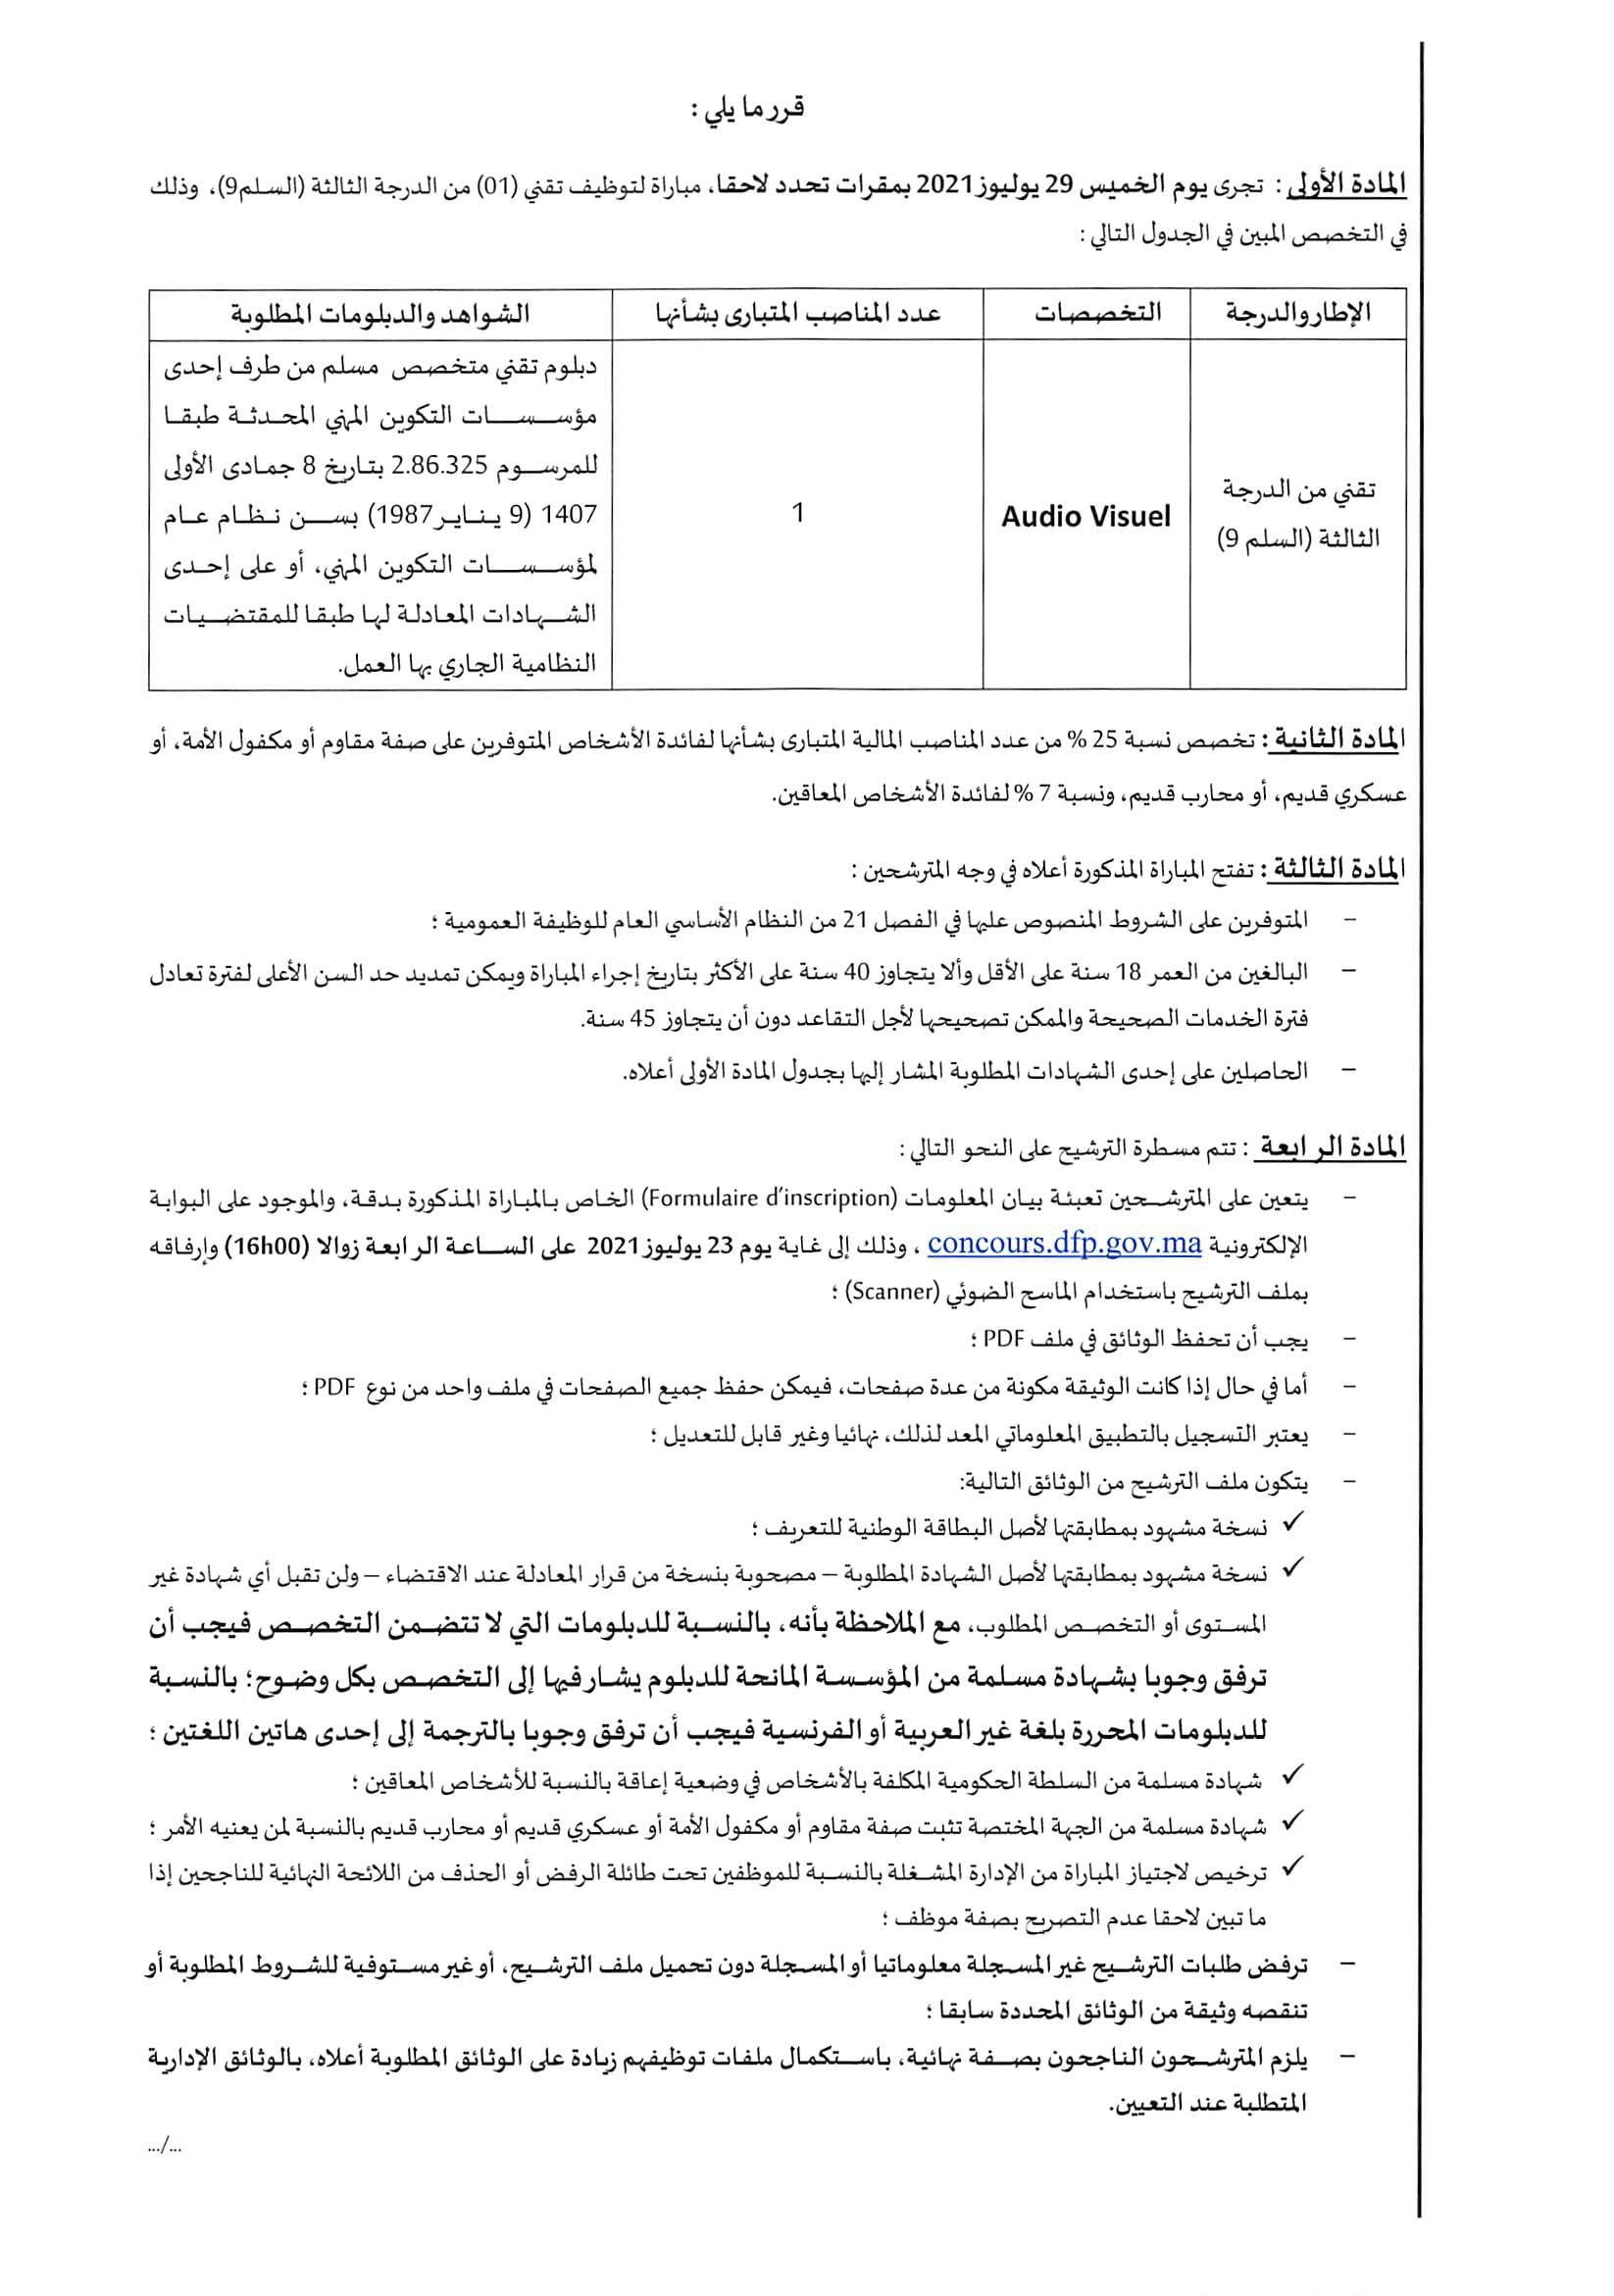 37 2 Résultats Concours Ministère de l'Education Nationale 2021 (10 Postes)